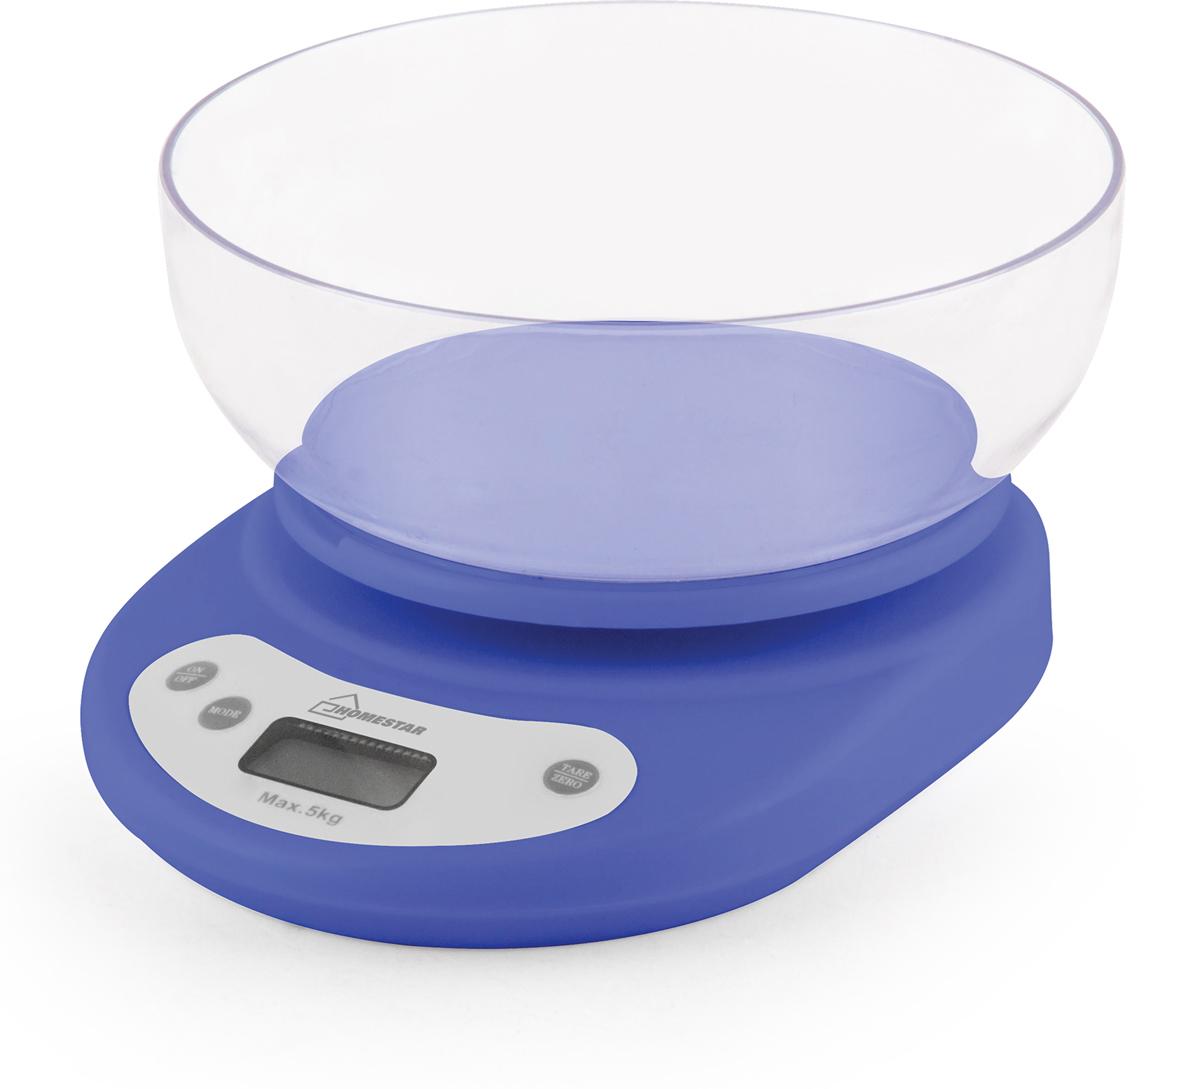 Кухонные весы HomeStar HS-3001, Lilac весы homestar hs 3001